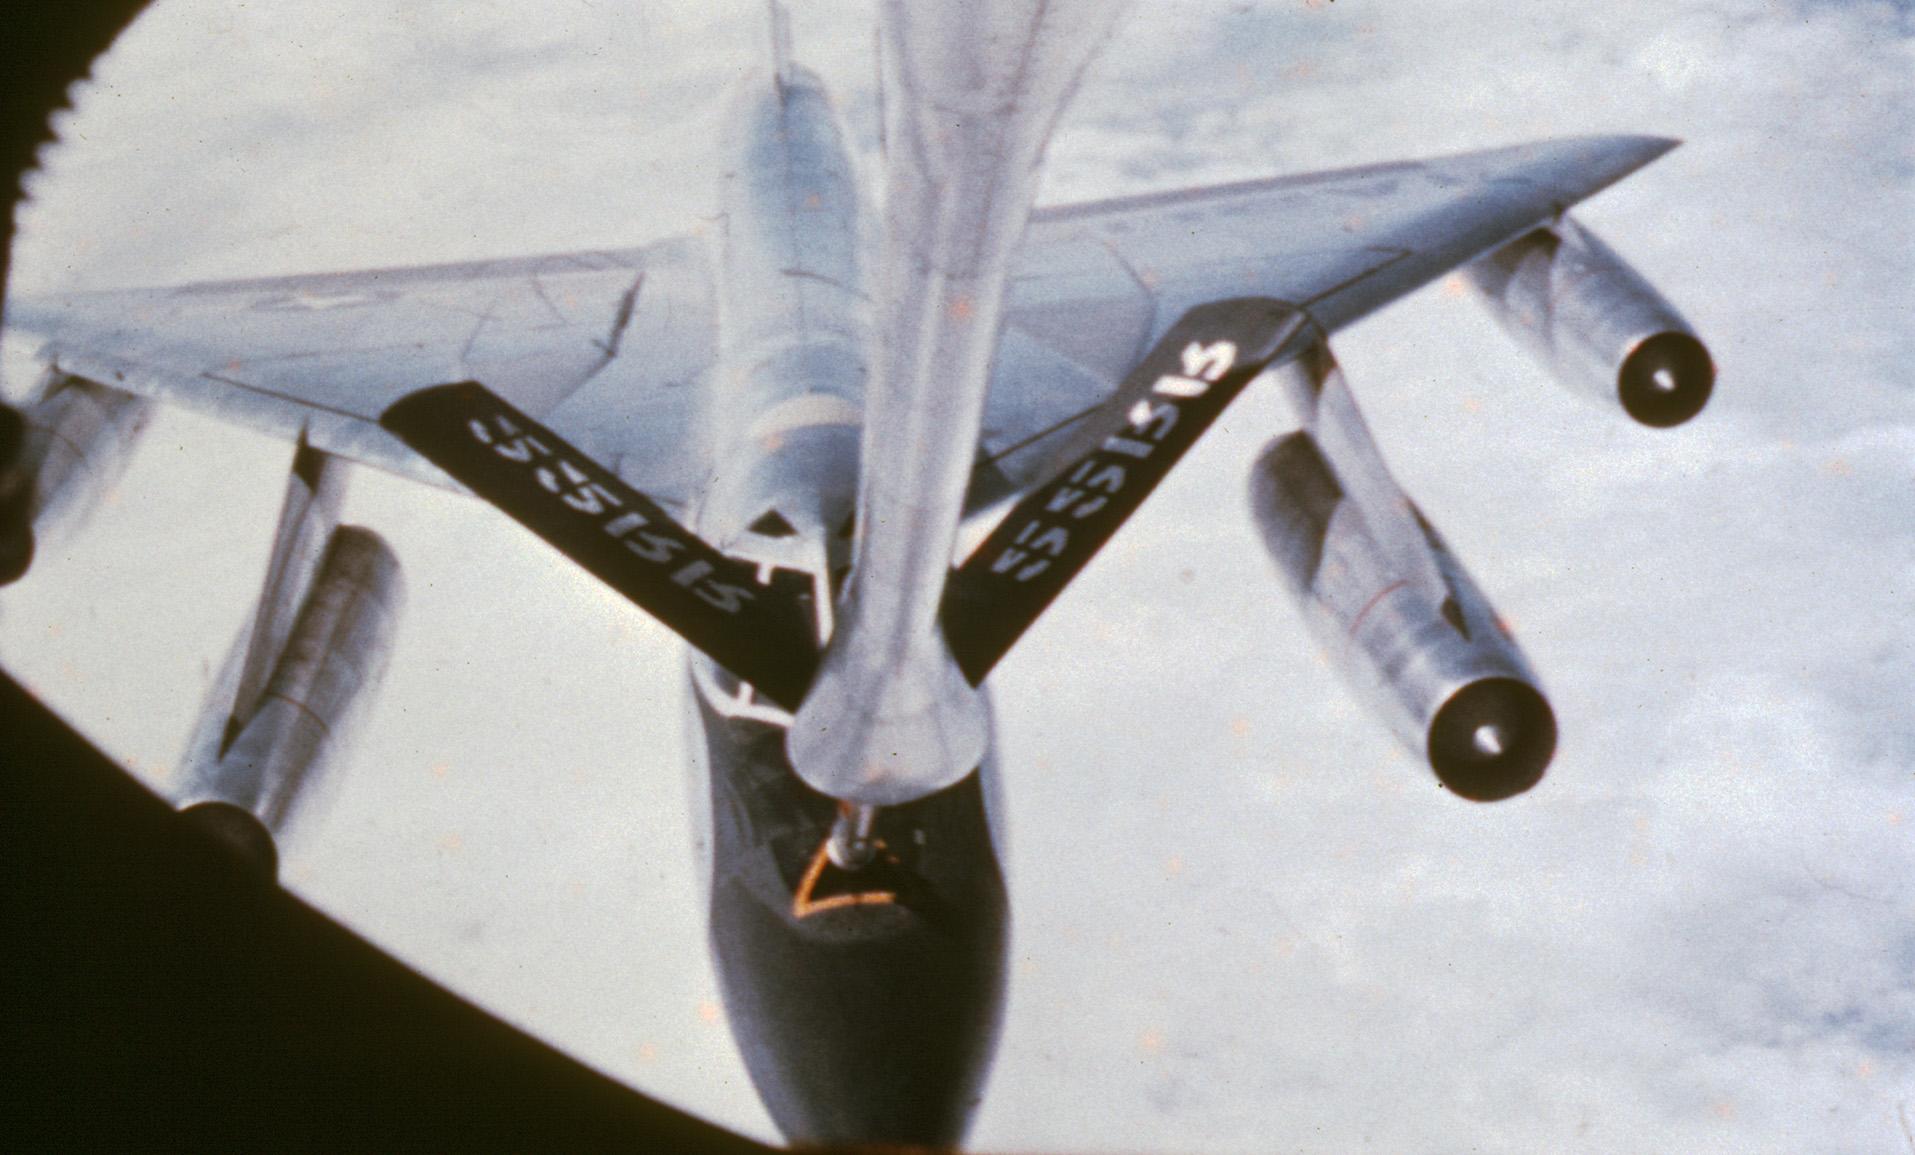 B-58 Hustler refueling